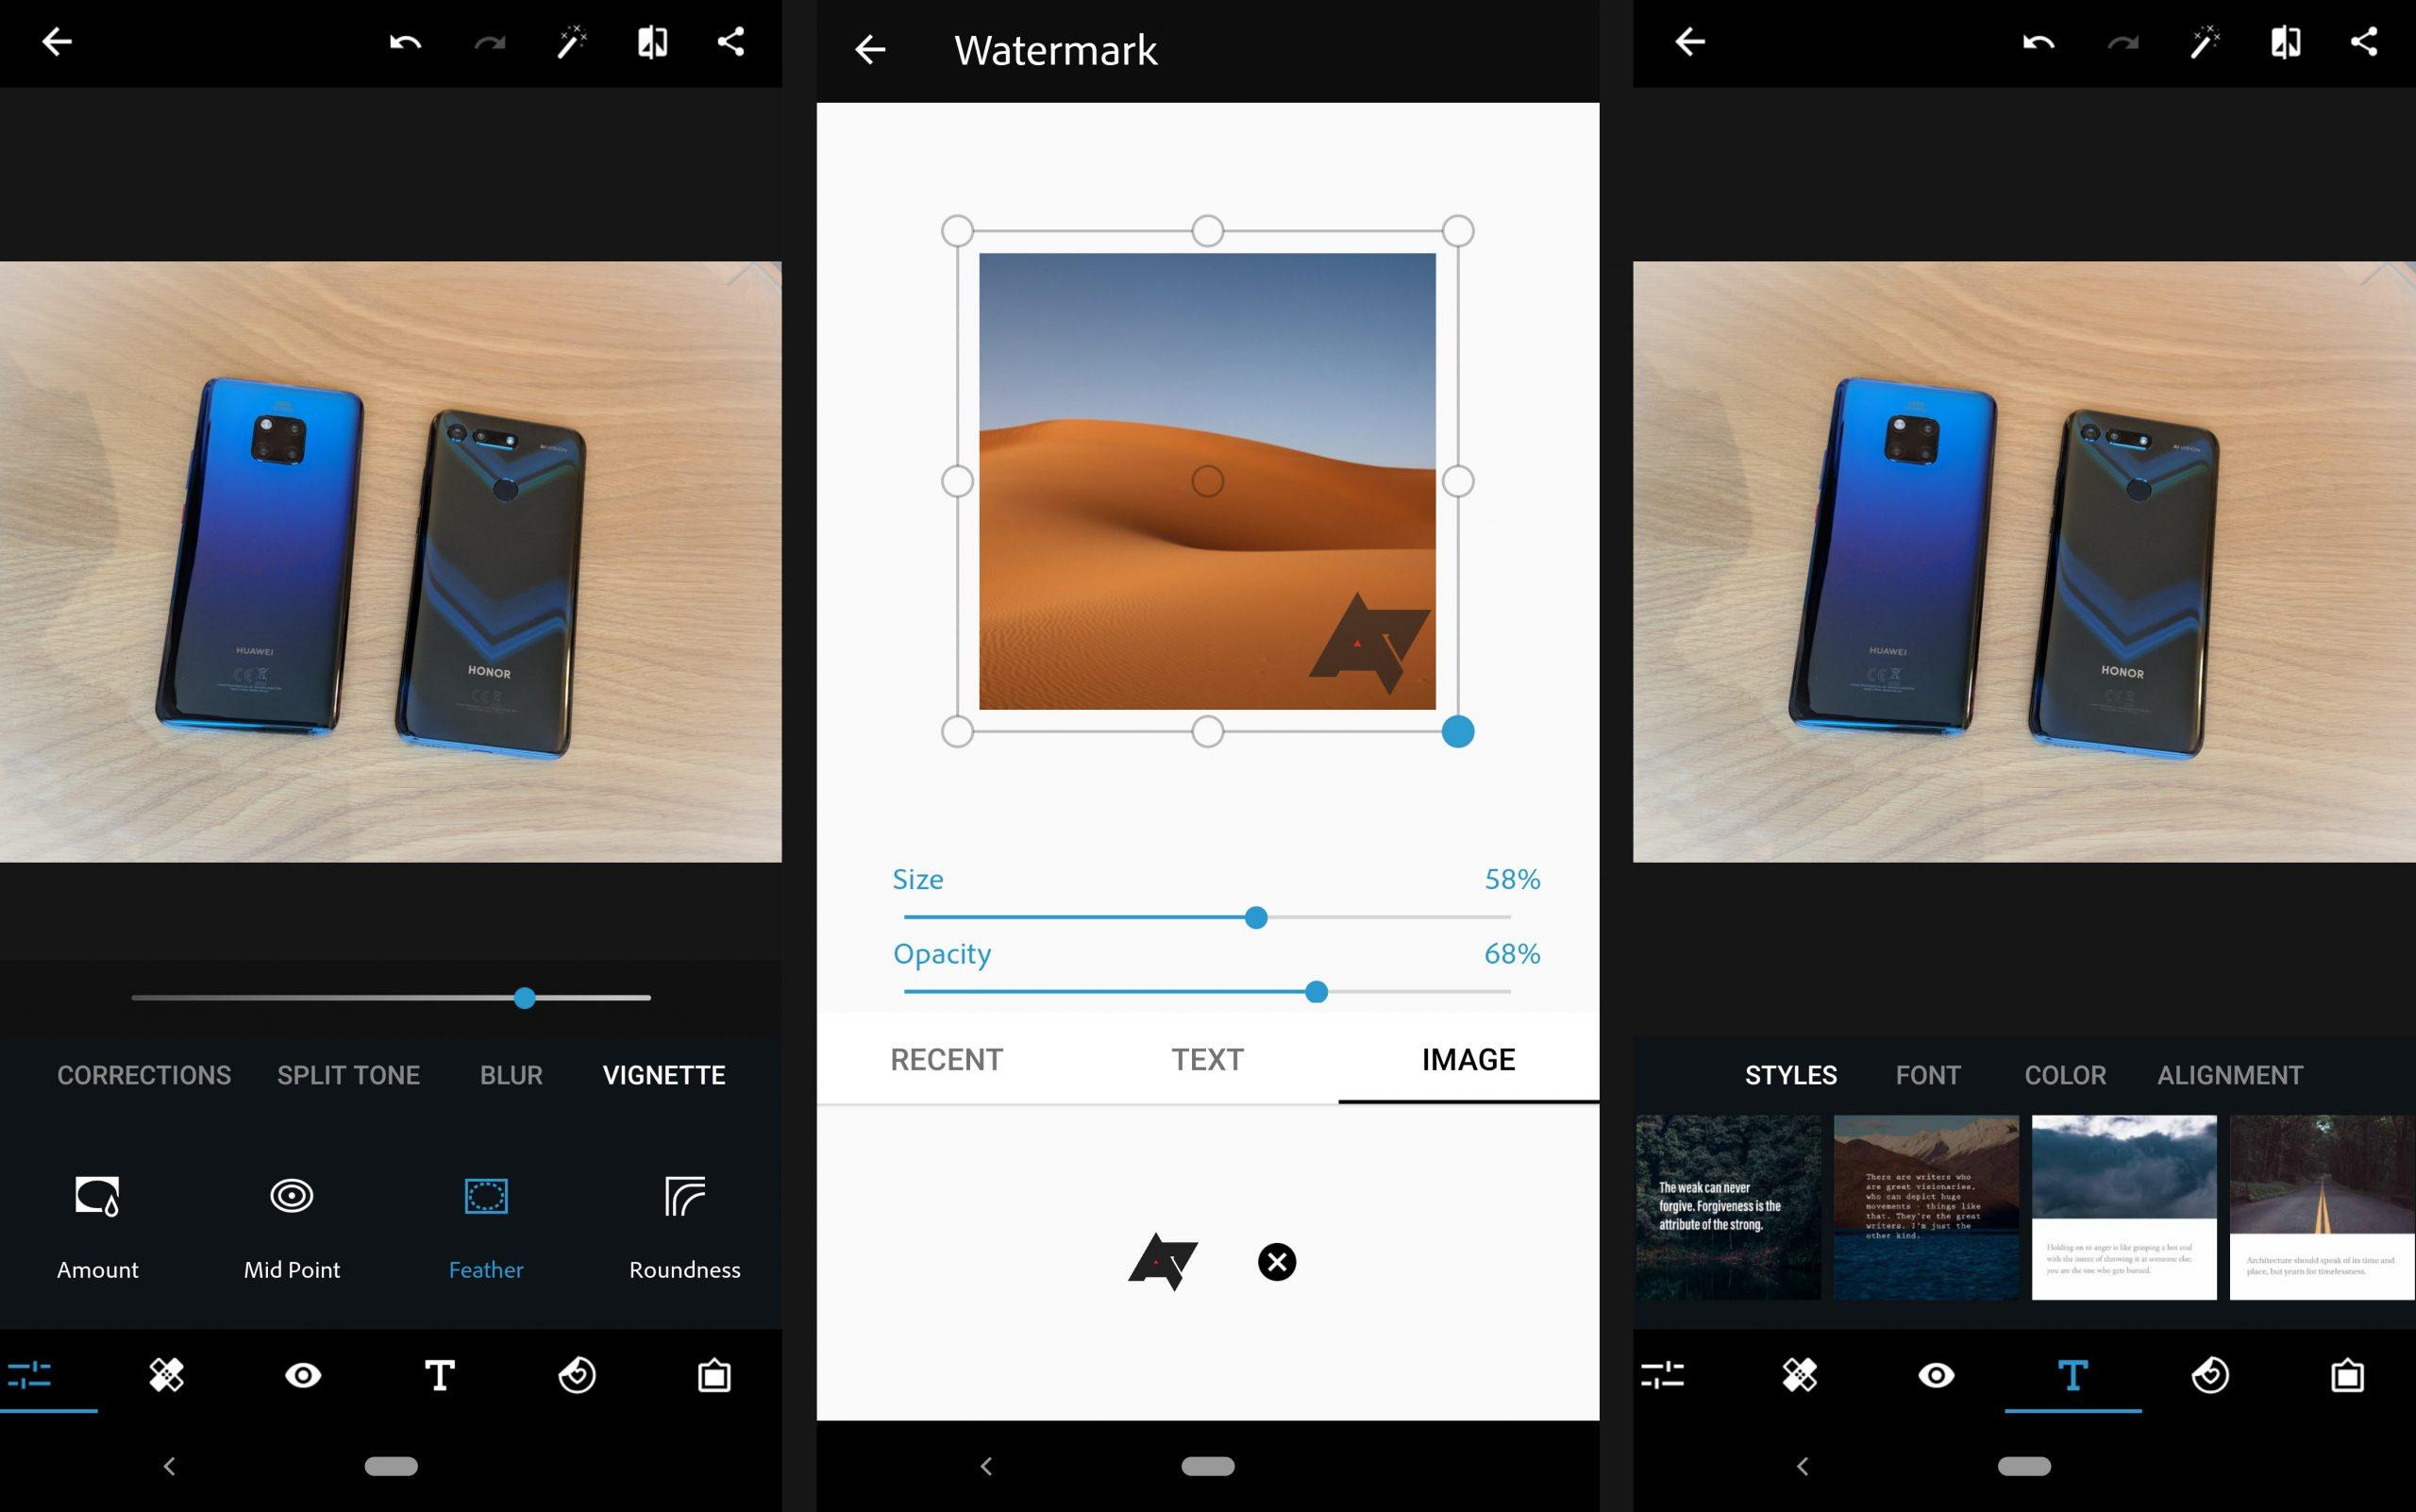 12 phần mềm chỉnh sửa ảnh trên điện thoại iPhone và Android 'vạn người mê' 3